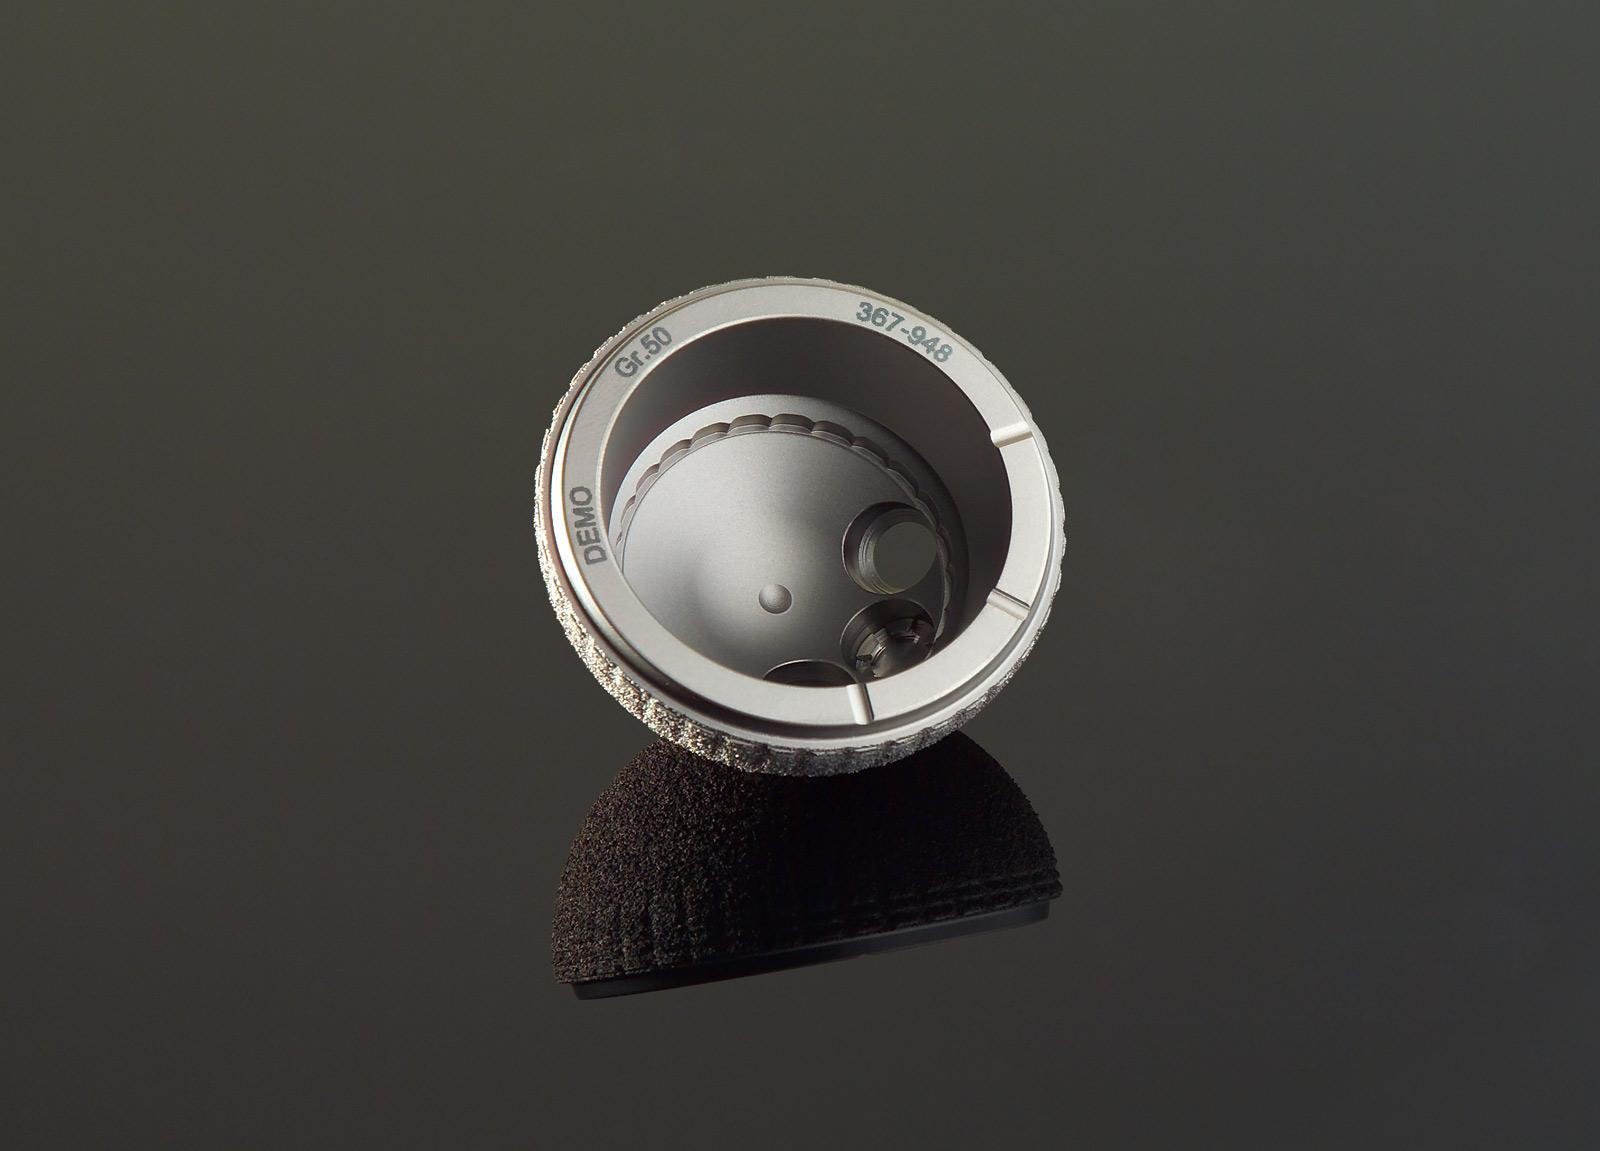 werbeagentur-focus-nuernberg-produktfotografie-nwl-laser-03